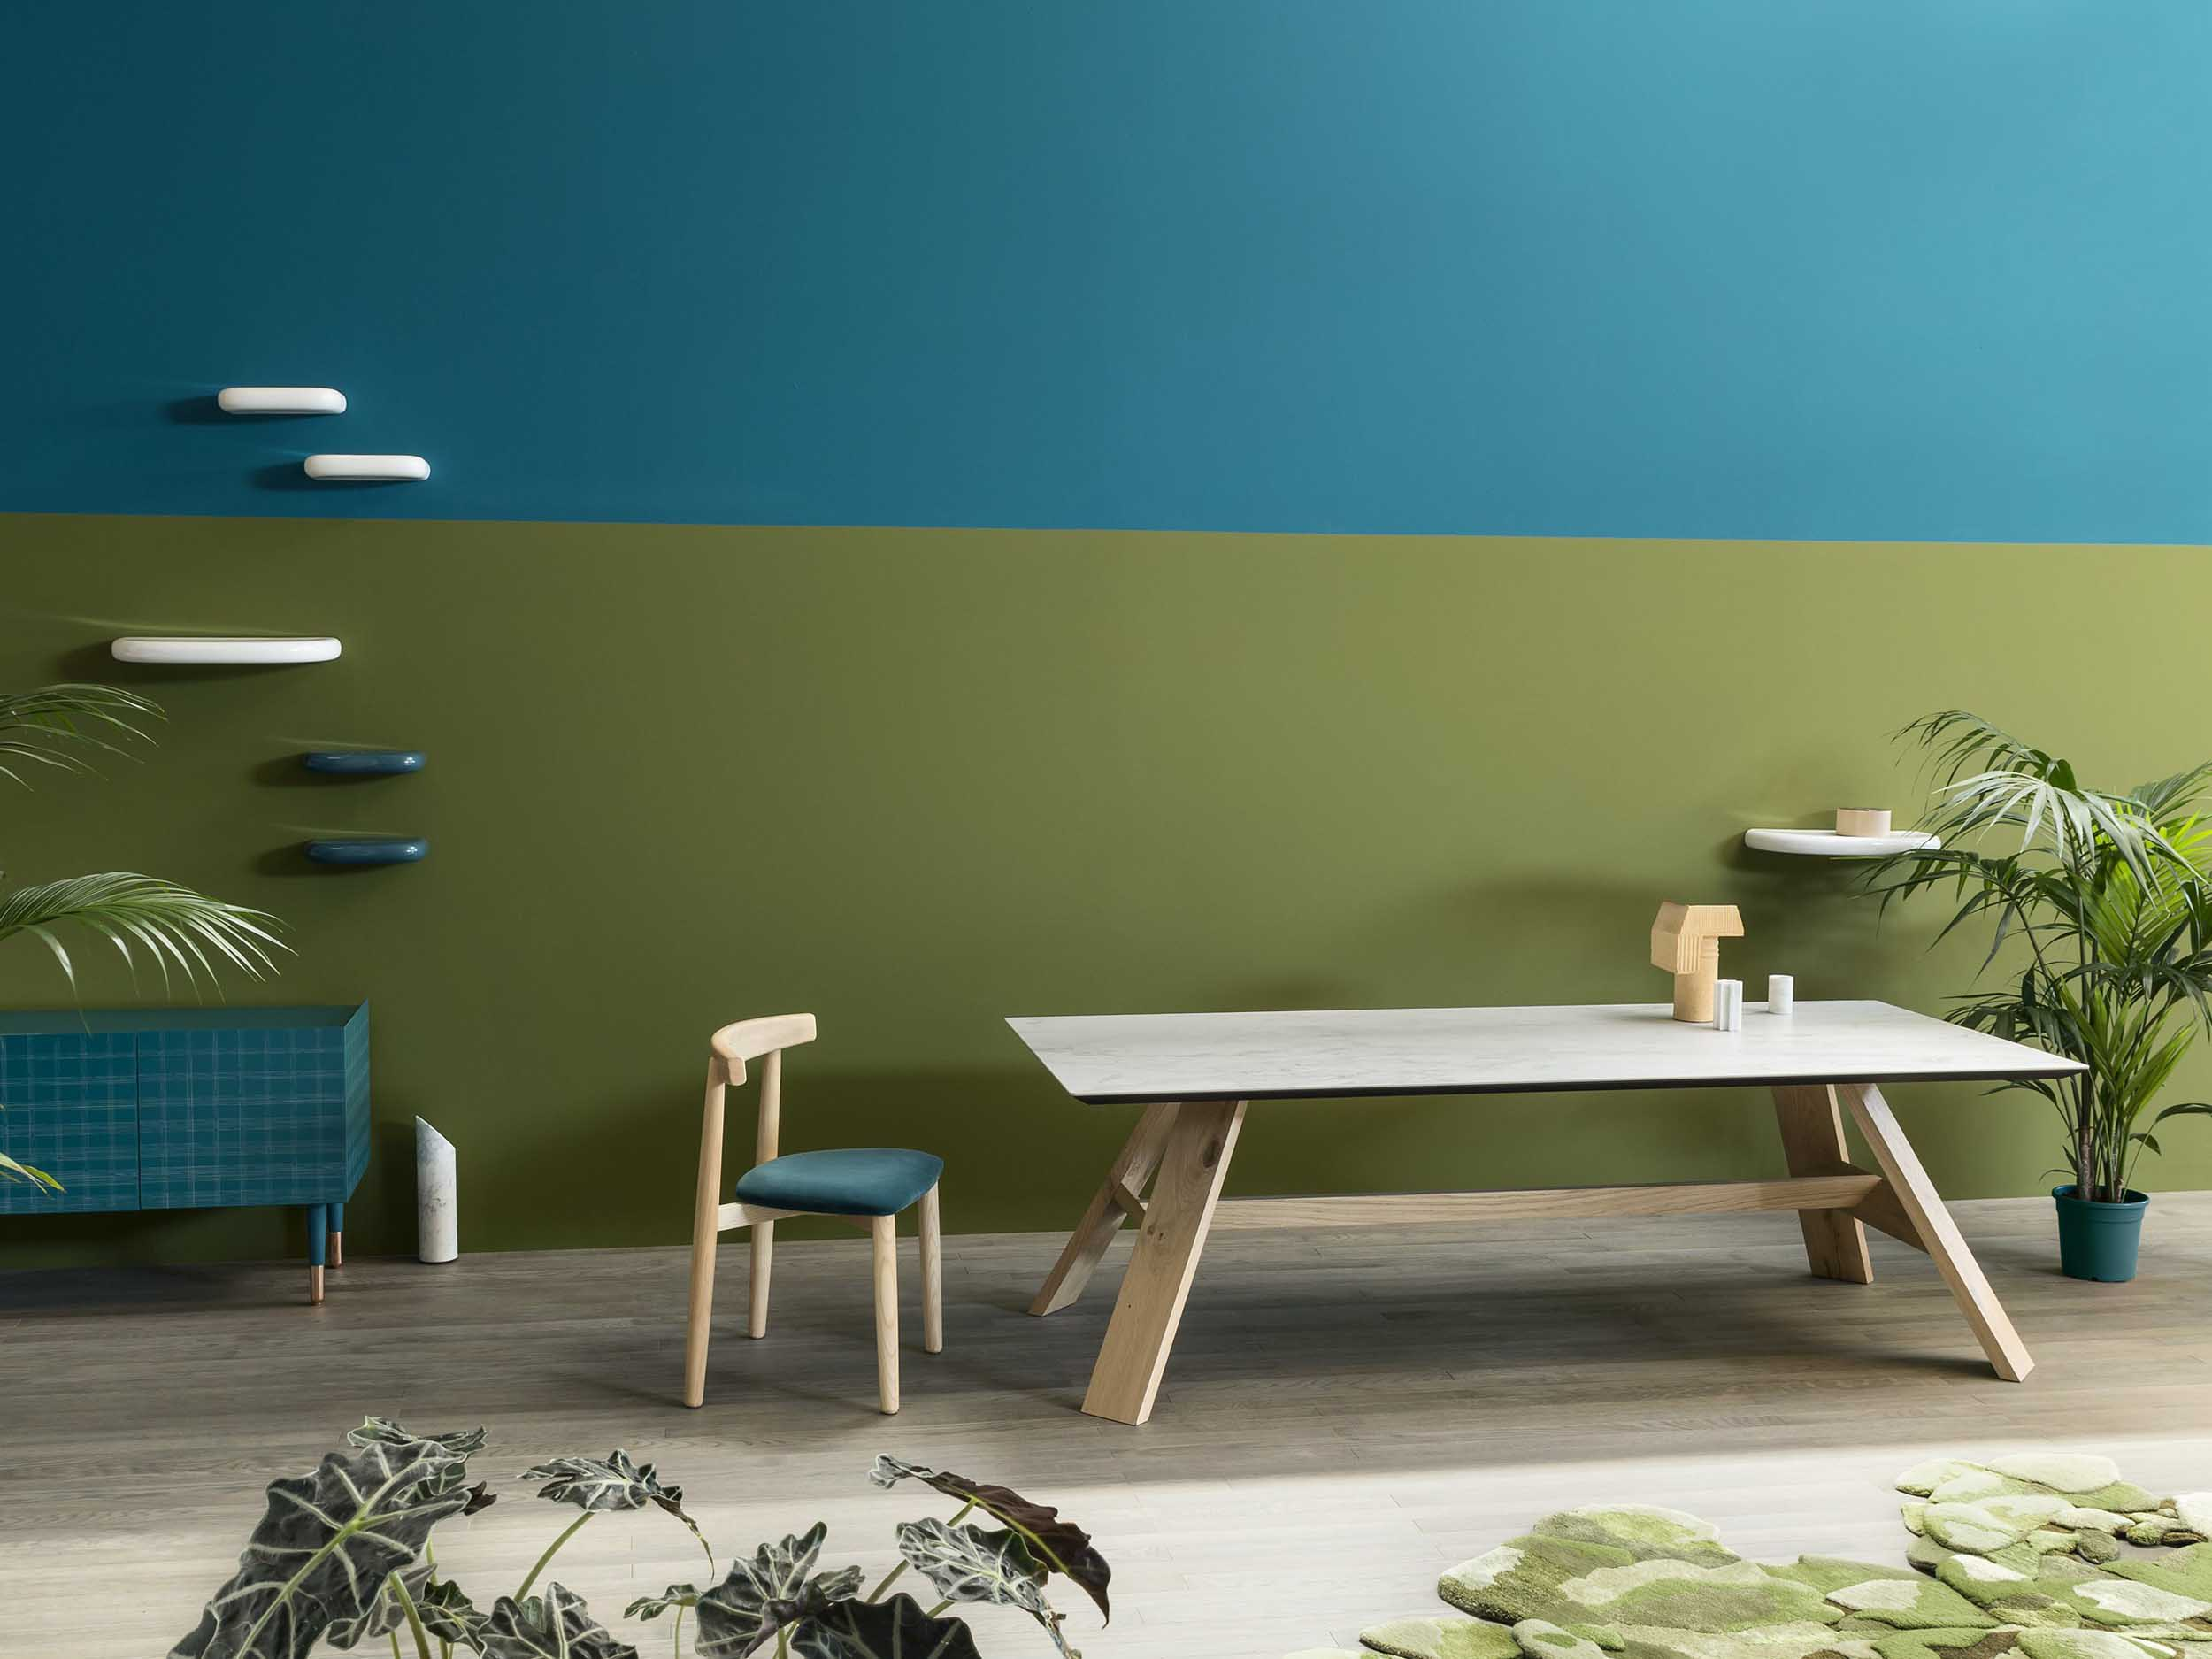 Artigiano Table